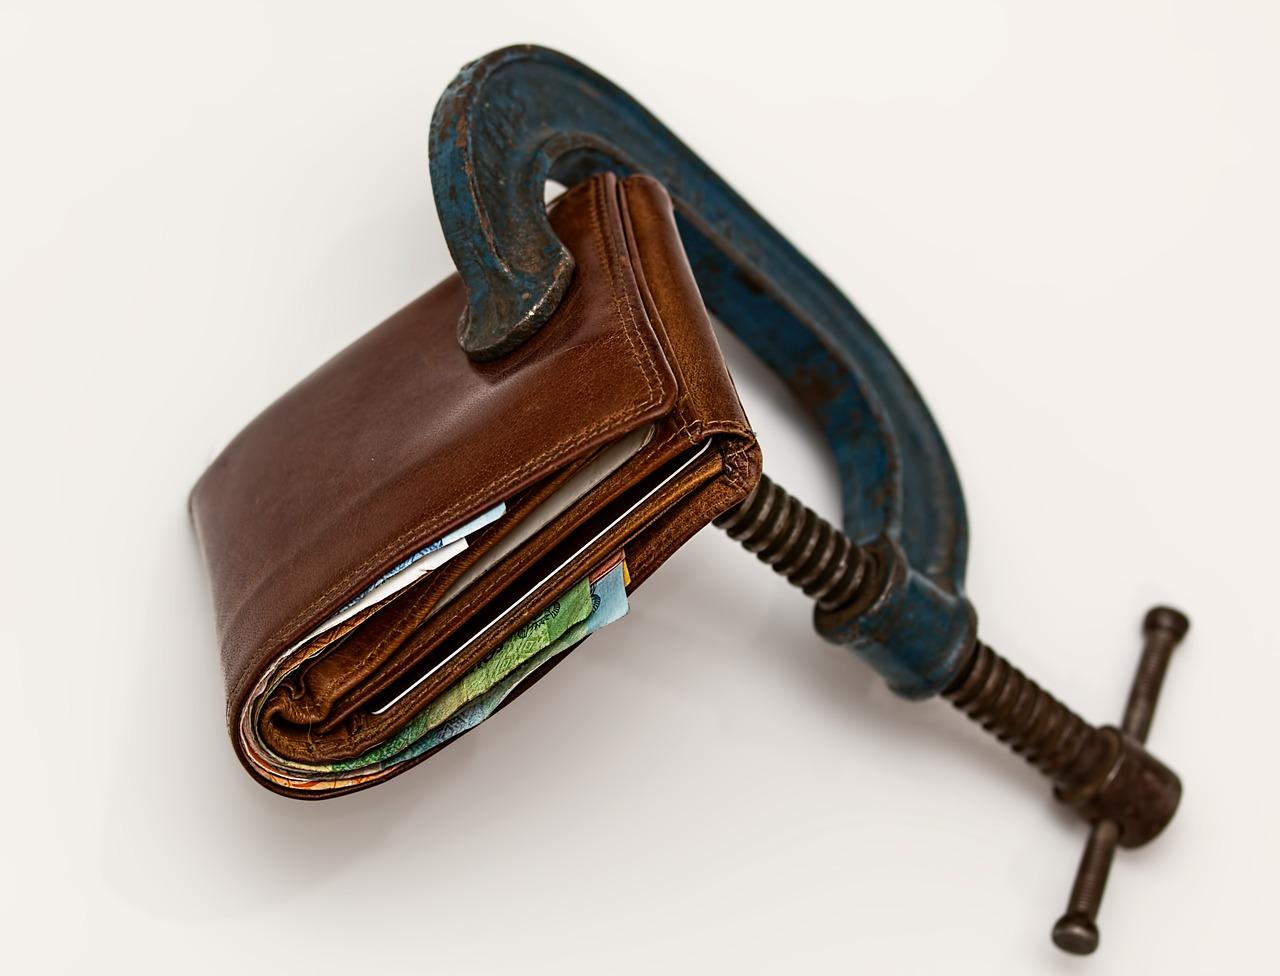 También se puede hacer negocios con austeridad: Salesforce